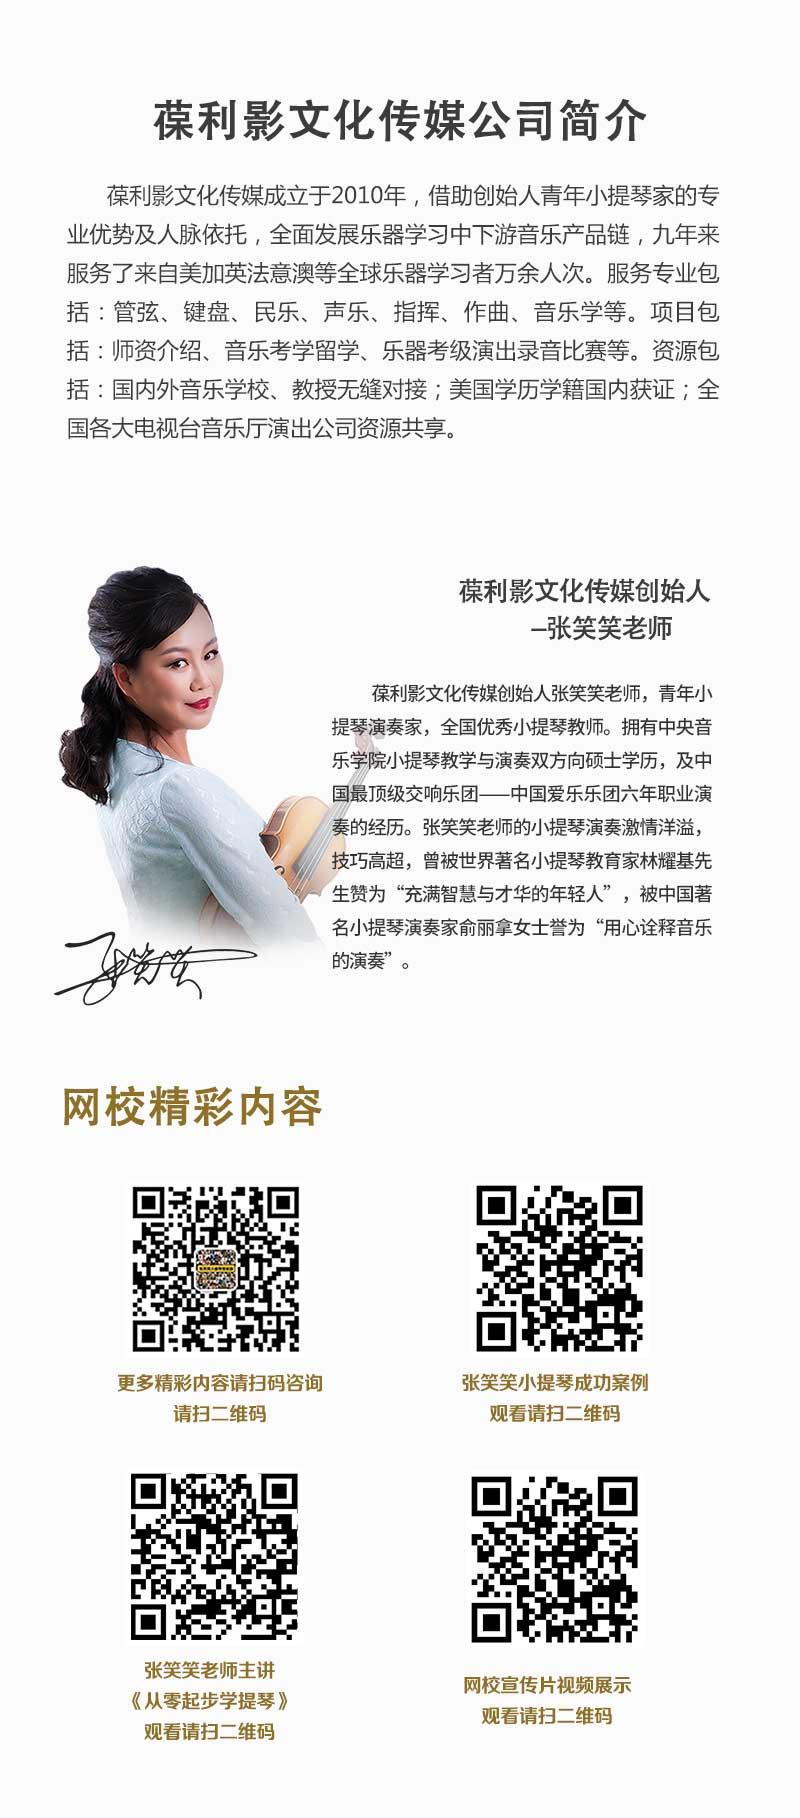 网页图片.jpg